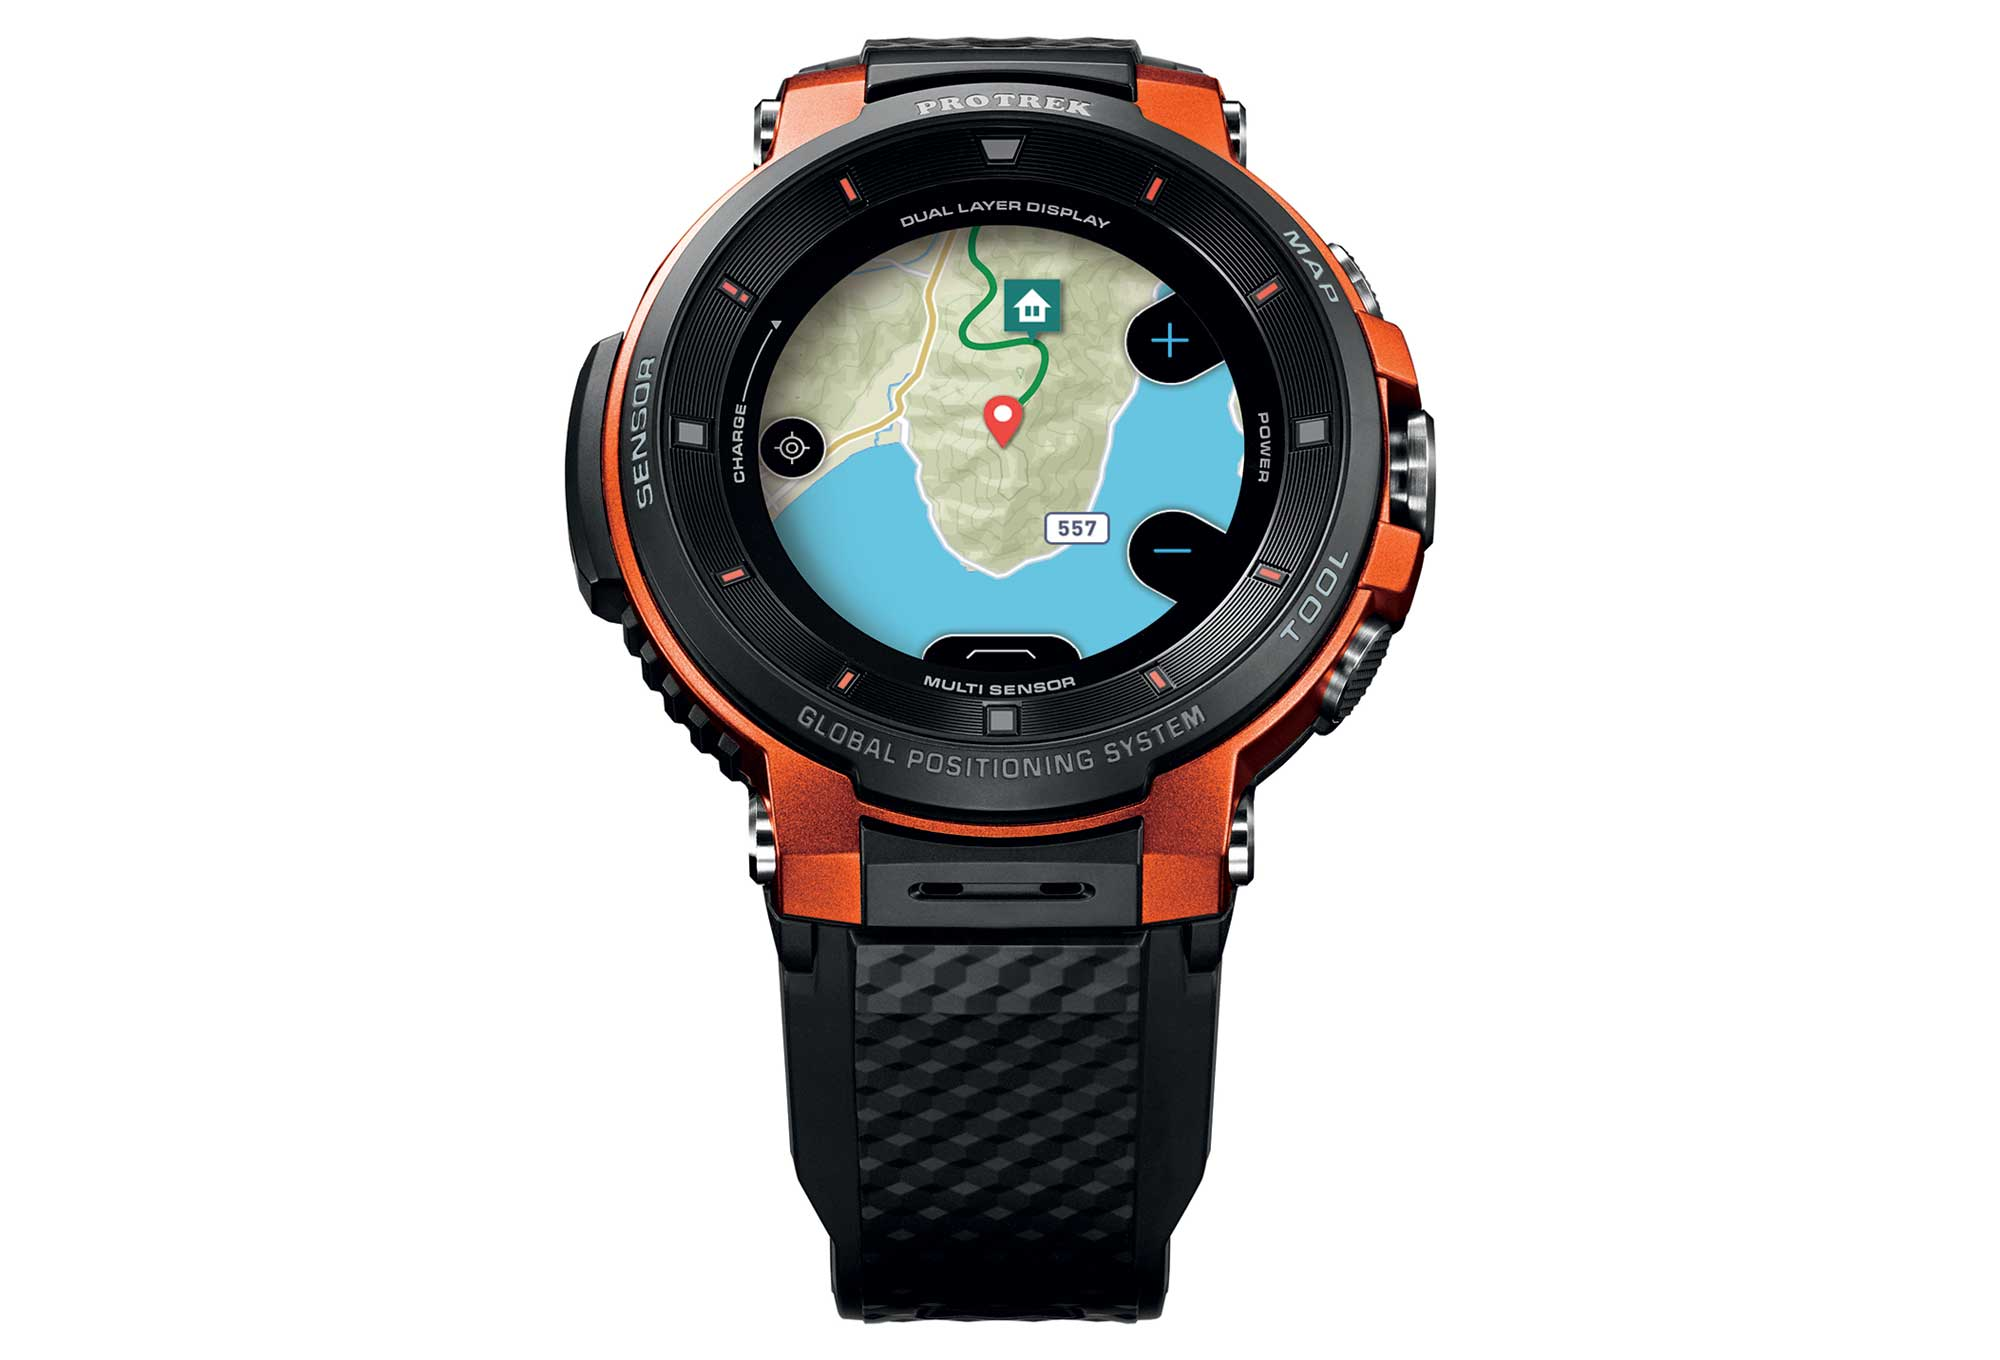 F30 Pro Trek Smart Schwarz Gps Wsd Orange Uhr Casio mnwOv0Ny8